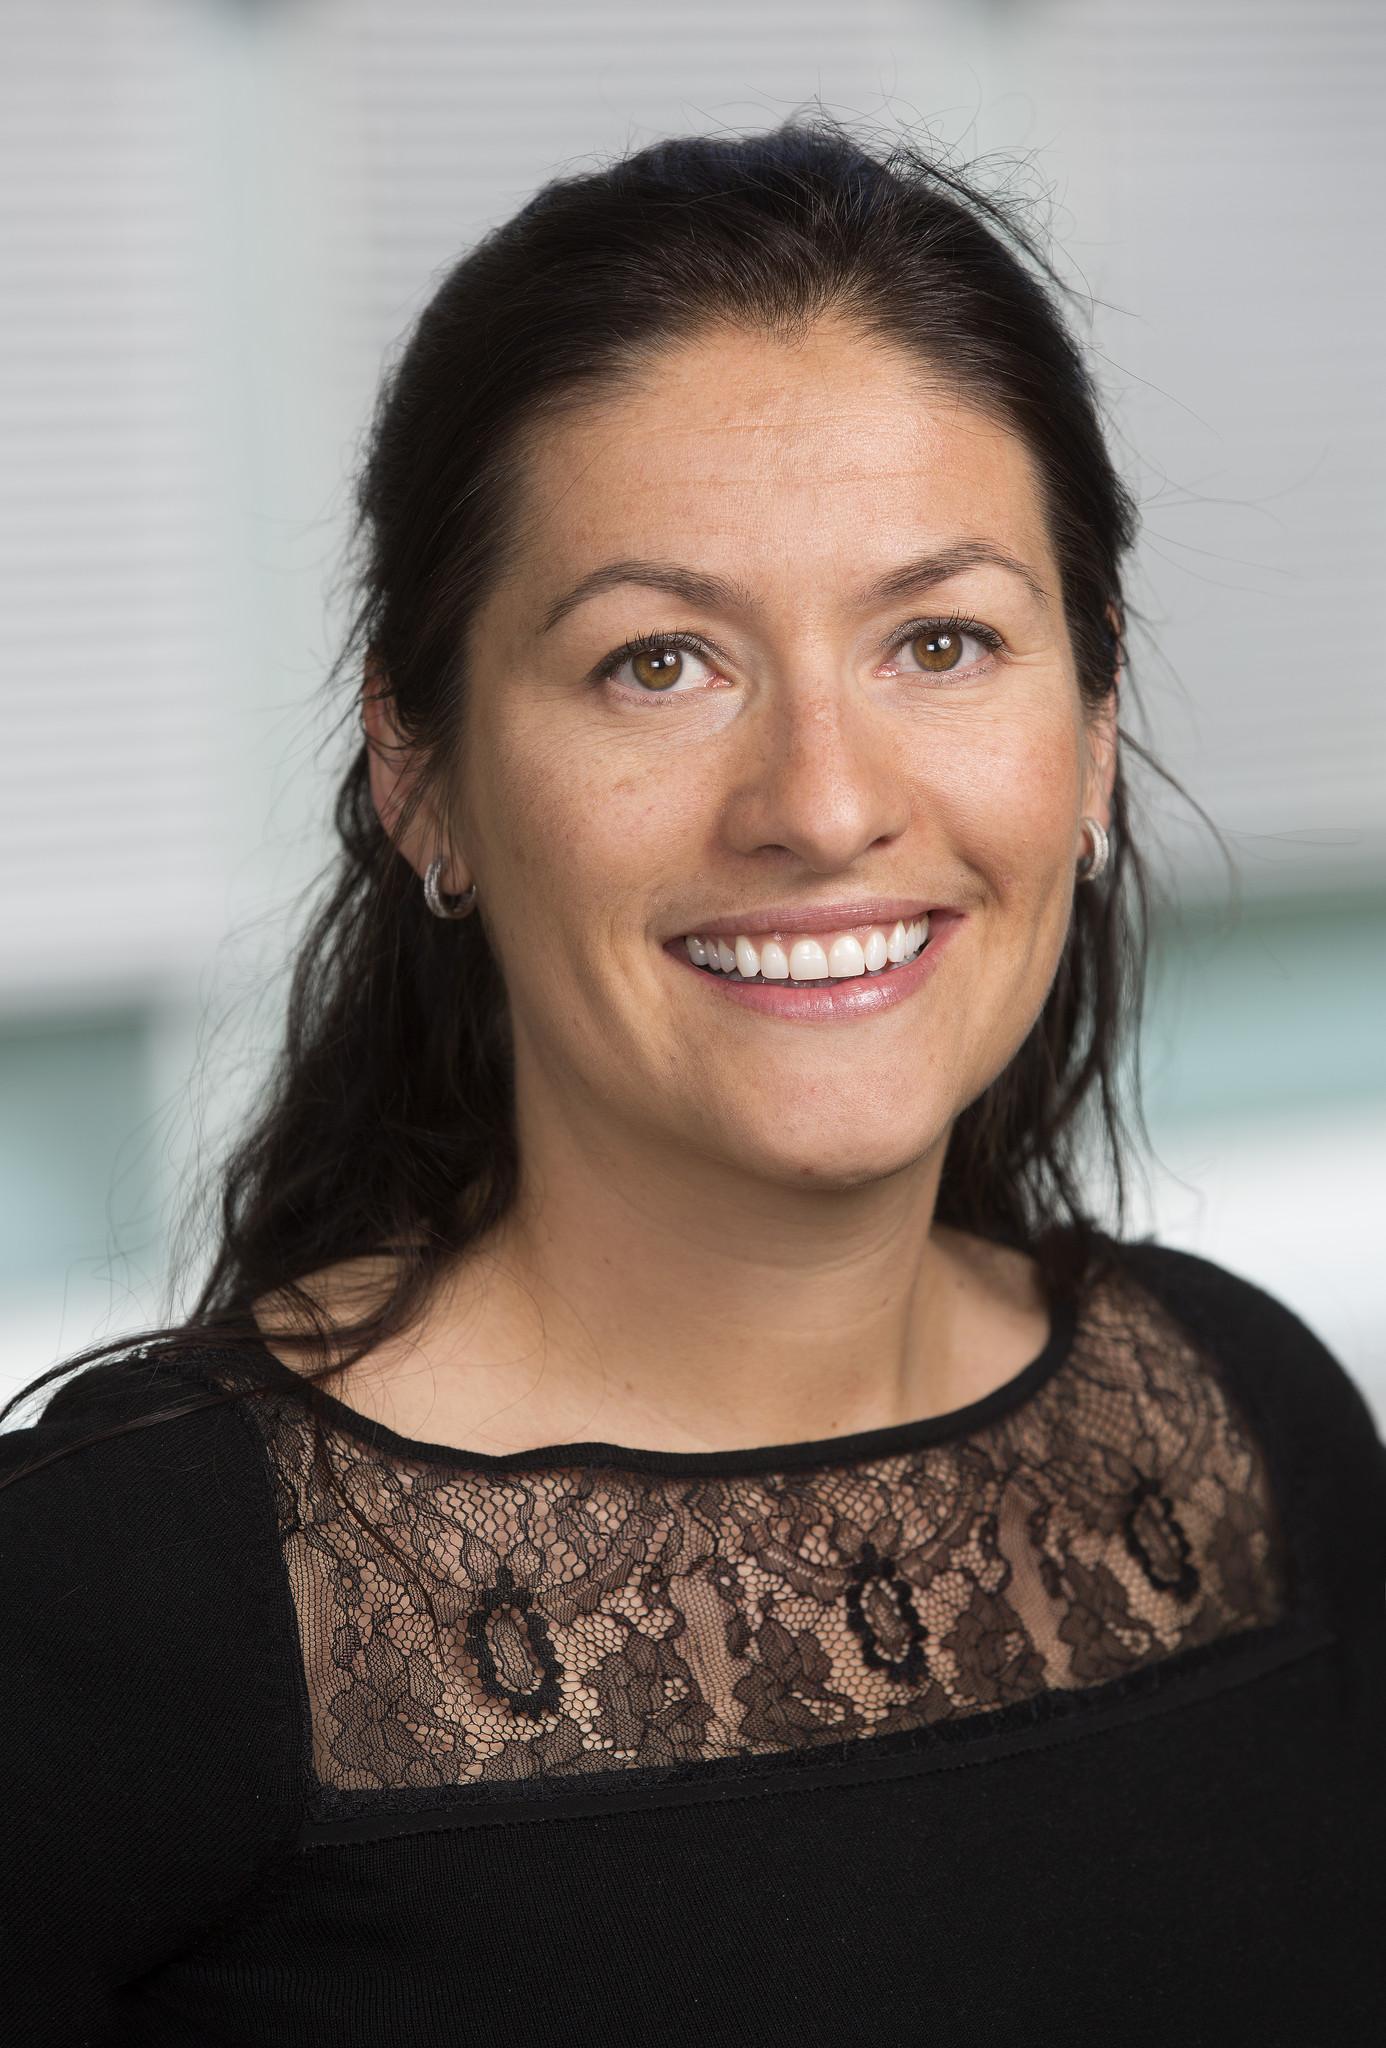 Ingrid, Bjørdal, Direktør for organisasjonsutvikling og compliance, Norsk Gjenvinning Norge AS